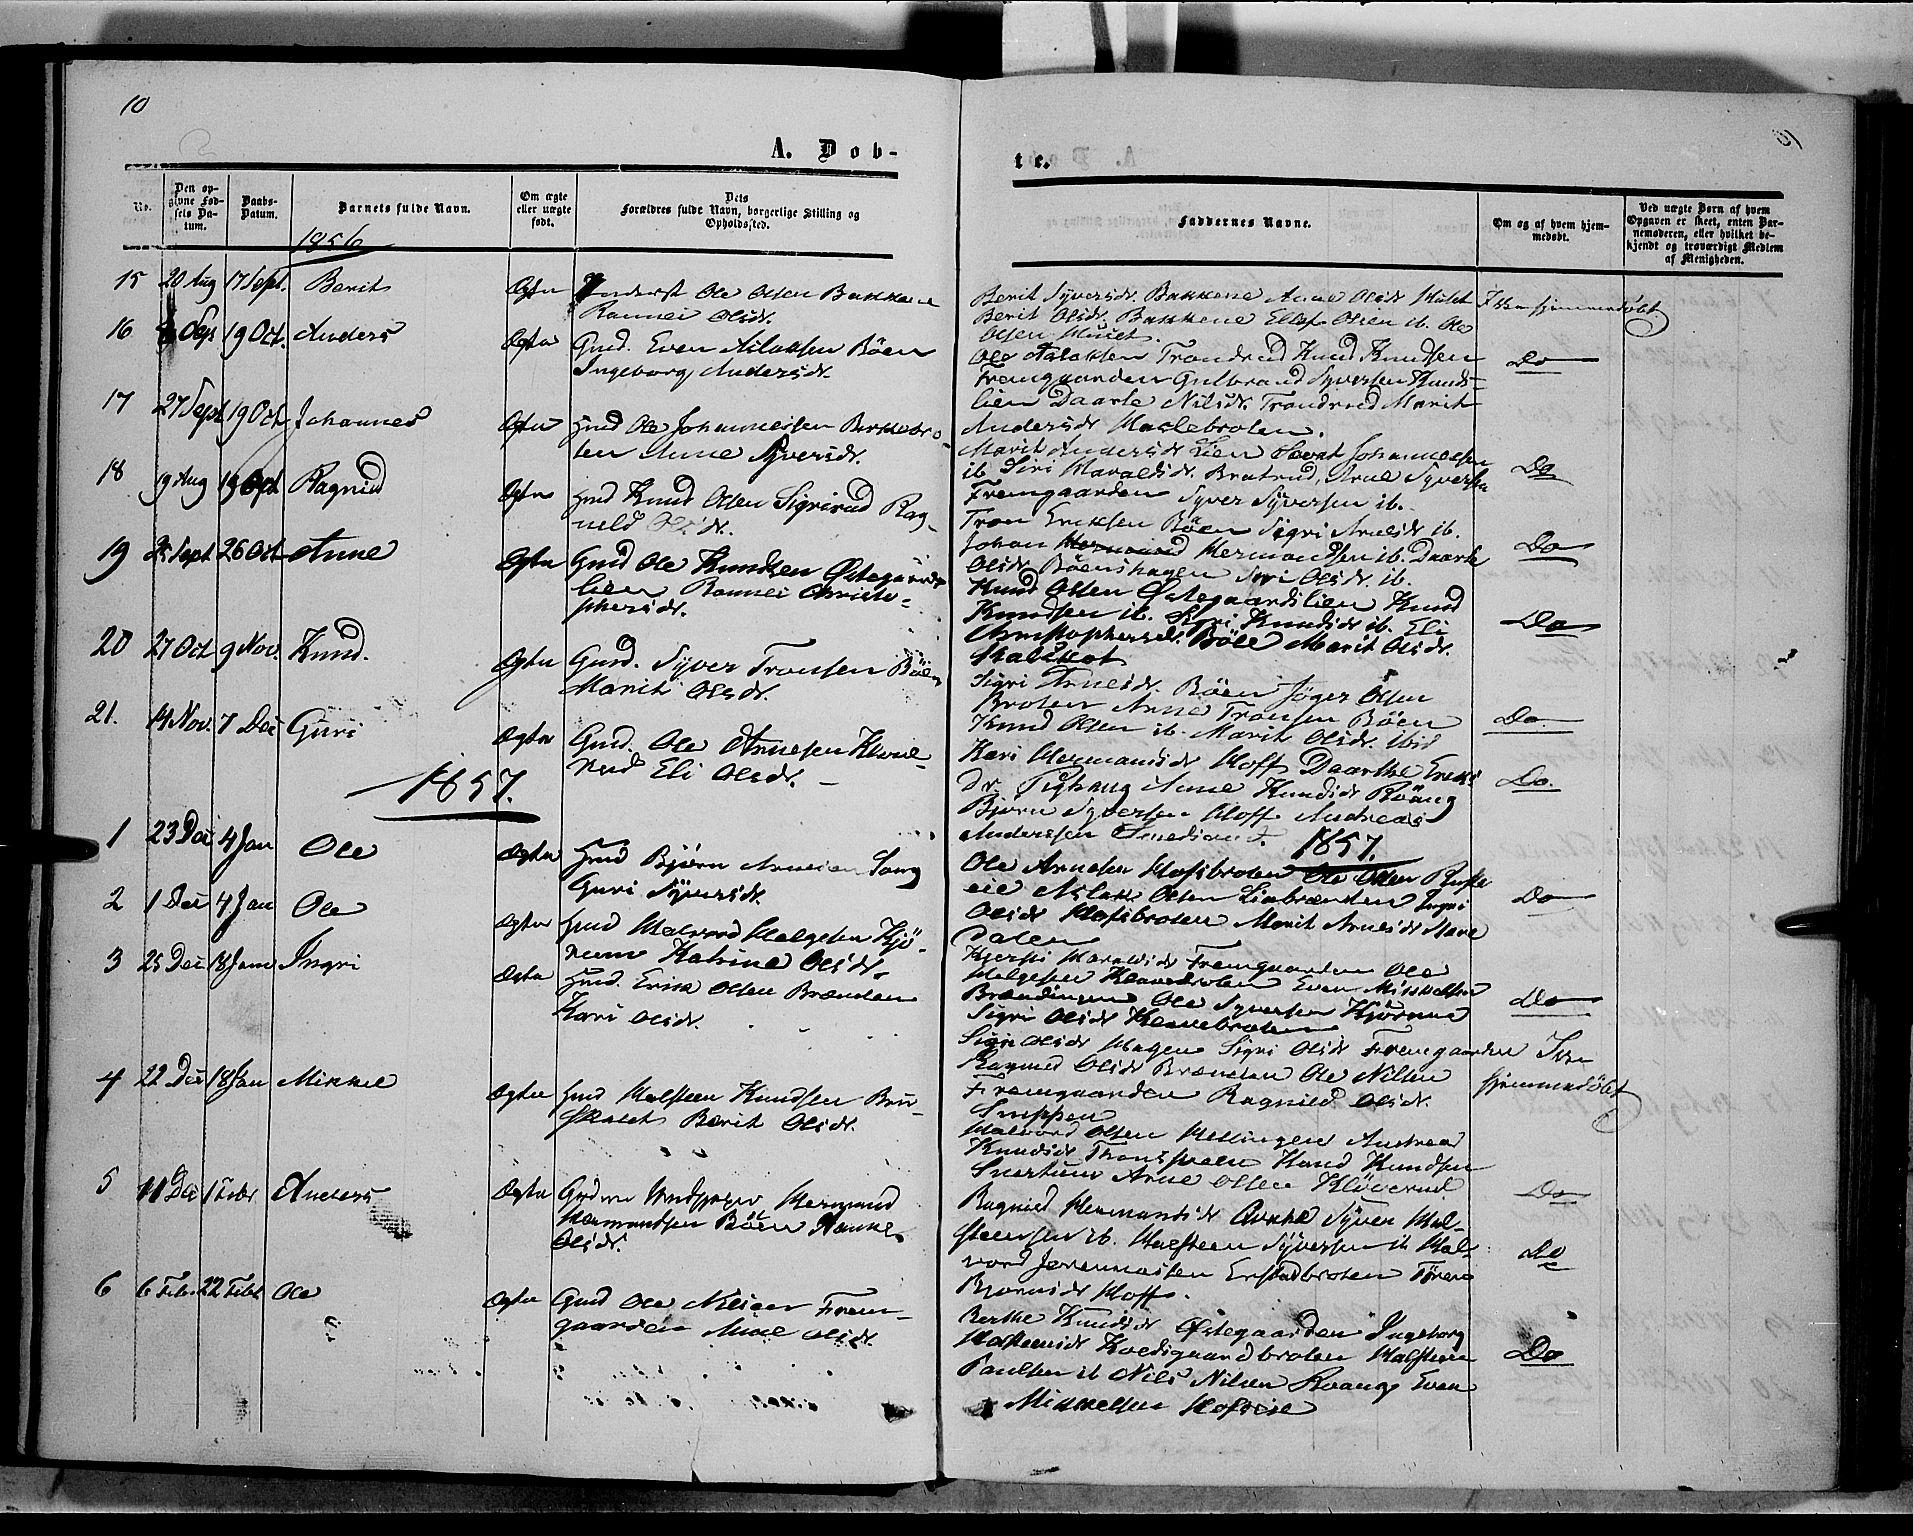 SAH, Sør-Aurdal prestekontor, Ministerialbok nr. 6, 1849-1876, s. 10